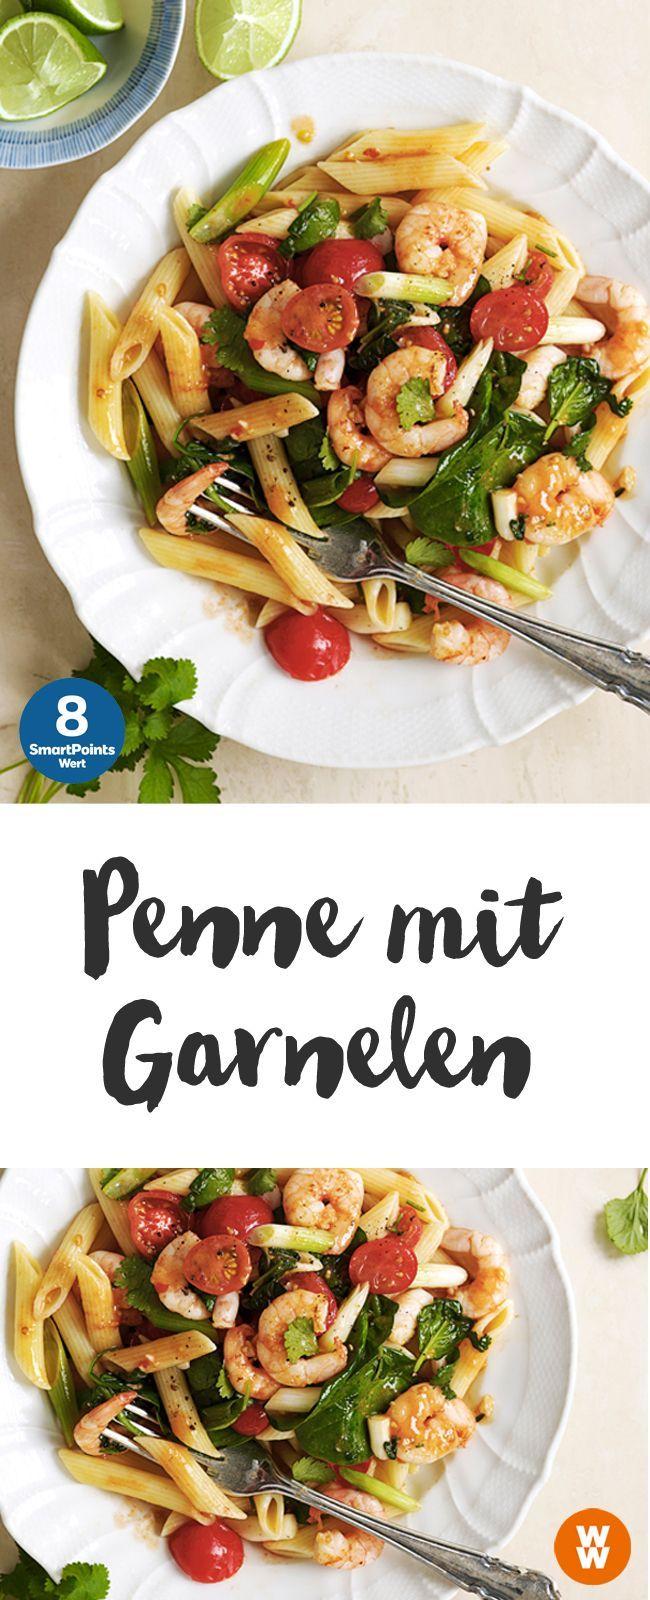 Penne mit Garnelen Rezept | WW Deutschland #shrimppasta